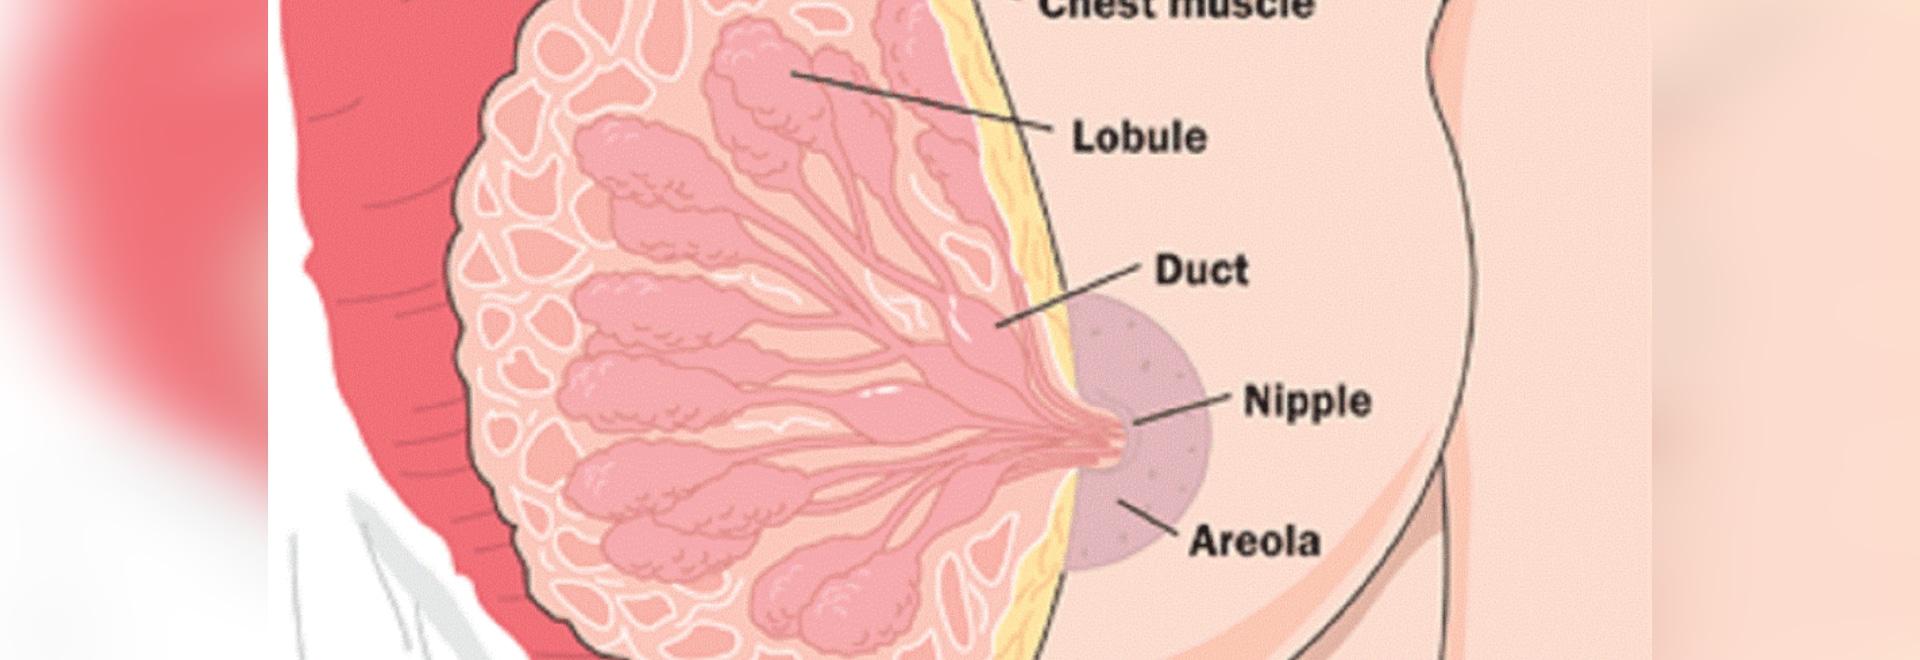 Cáncer de pecho: Muestras de la anatomía y de la detección temprana ...